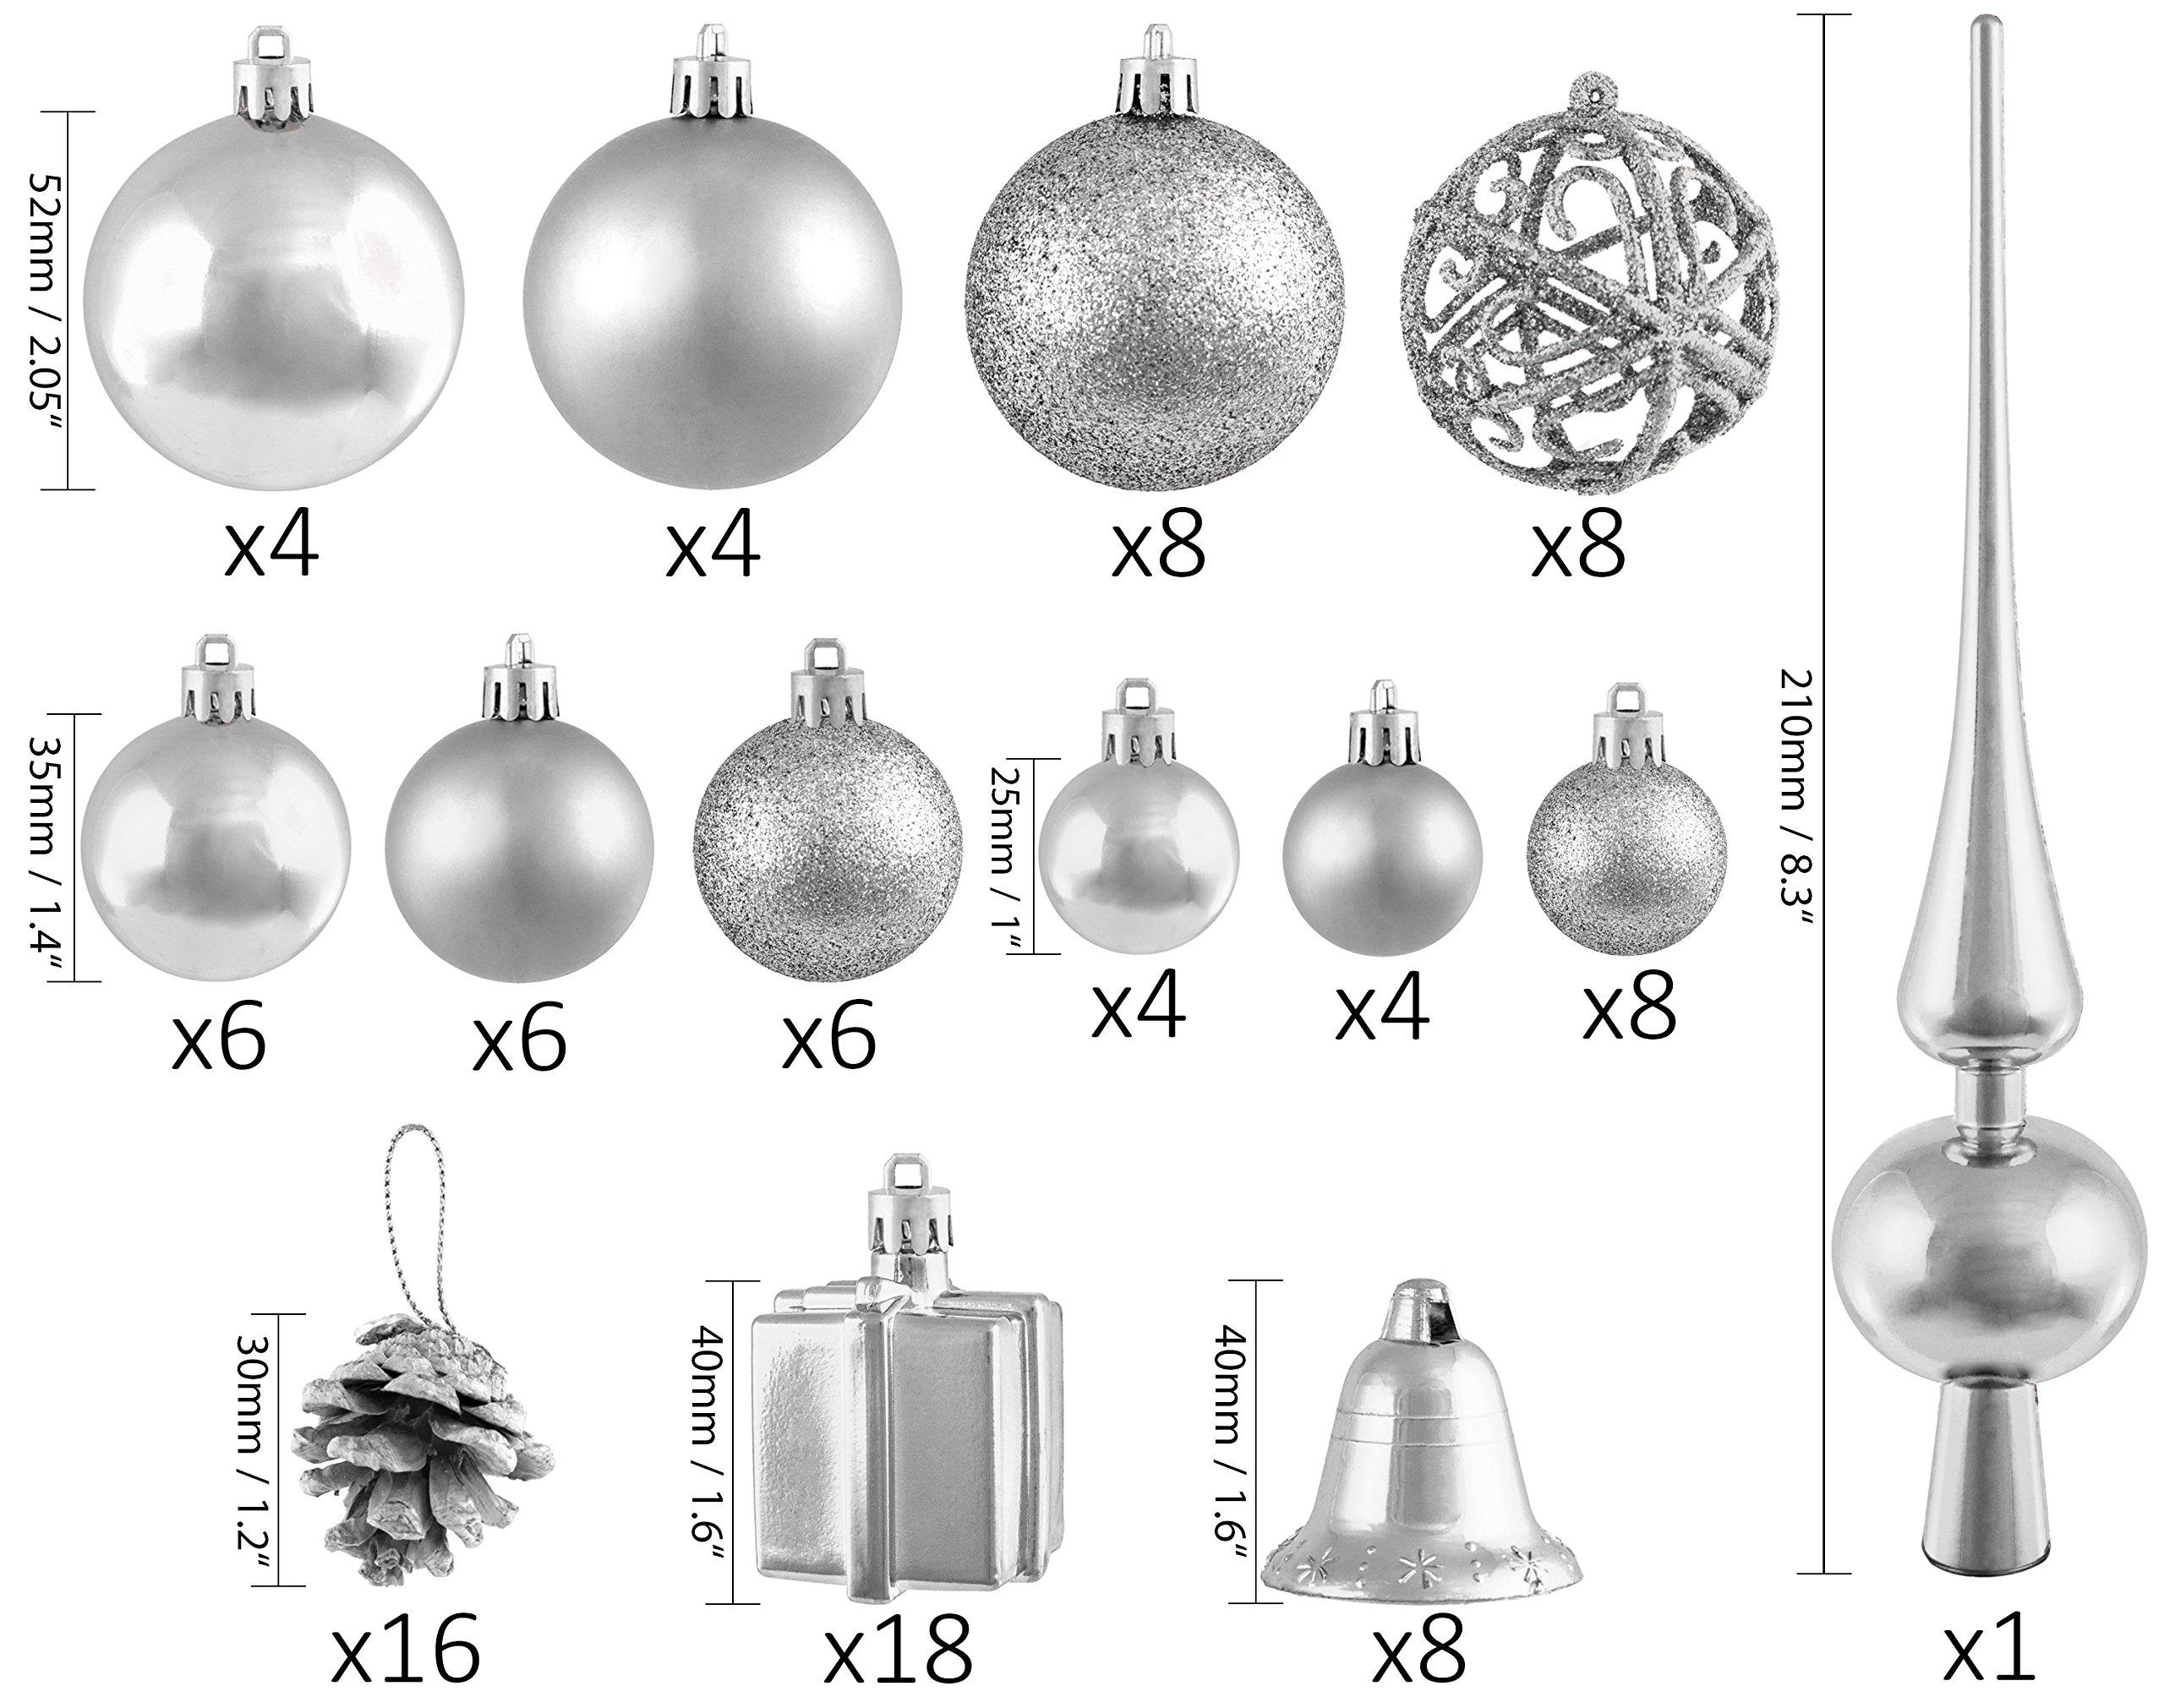 Brubaker-Christbaumkugel-Set-mit-Tannenzapfen-Weihnachtsglocken-Geschenken-Christbaumspitze-Christbaumschmuck-101-Teile-Silber